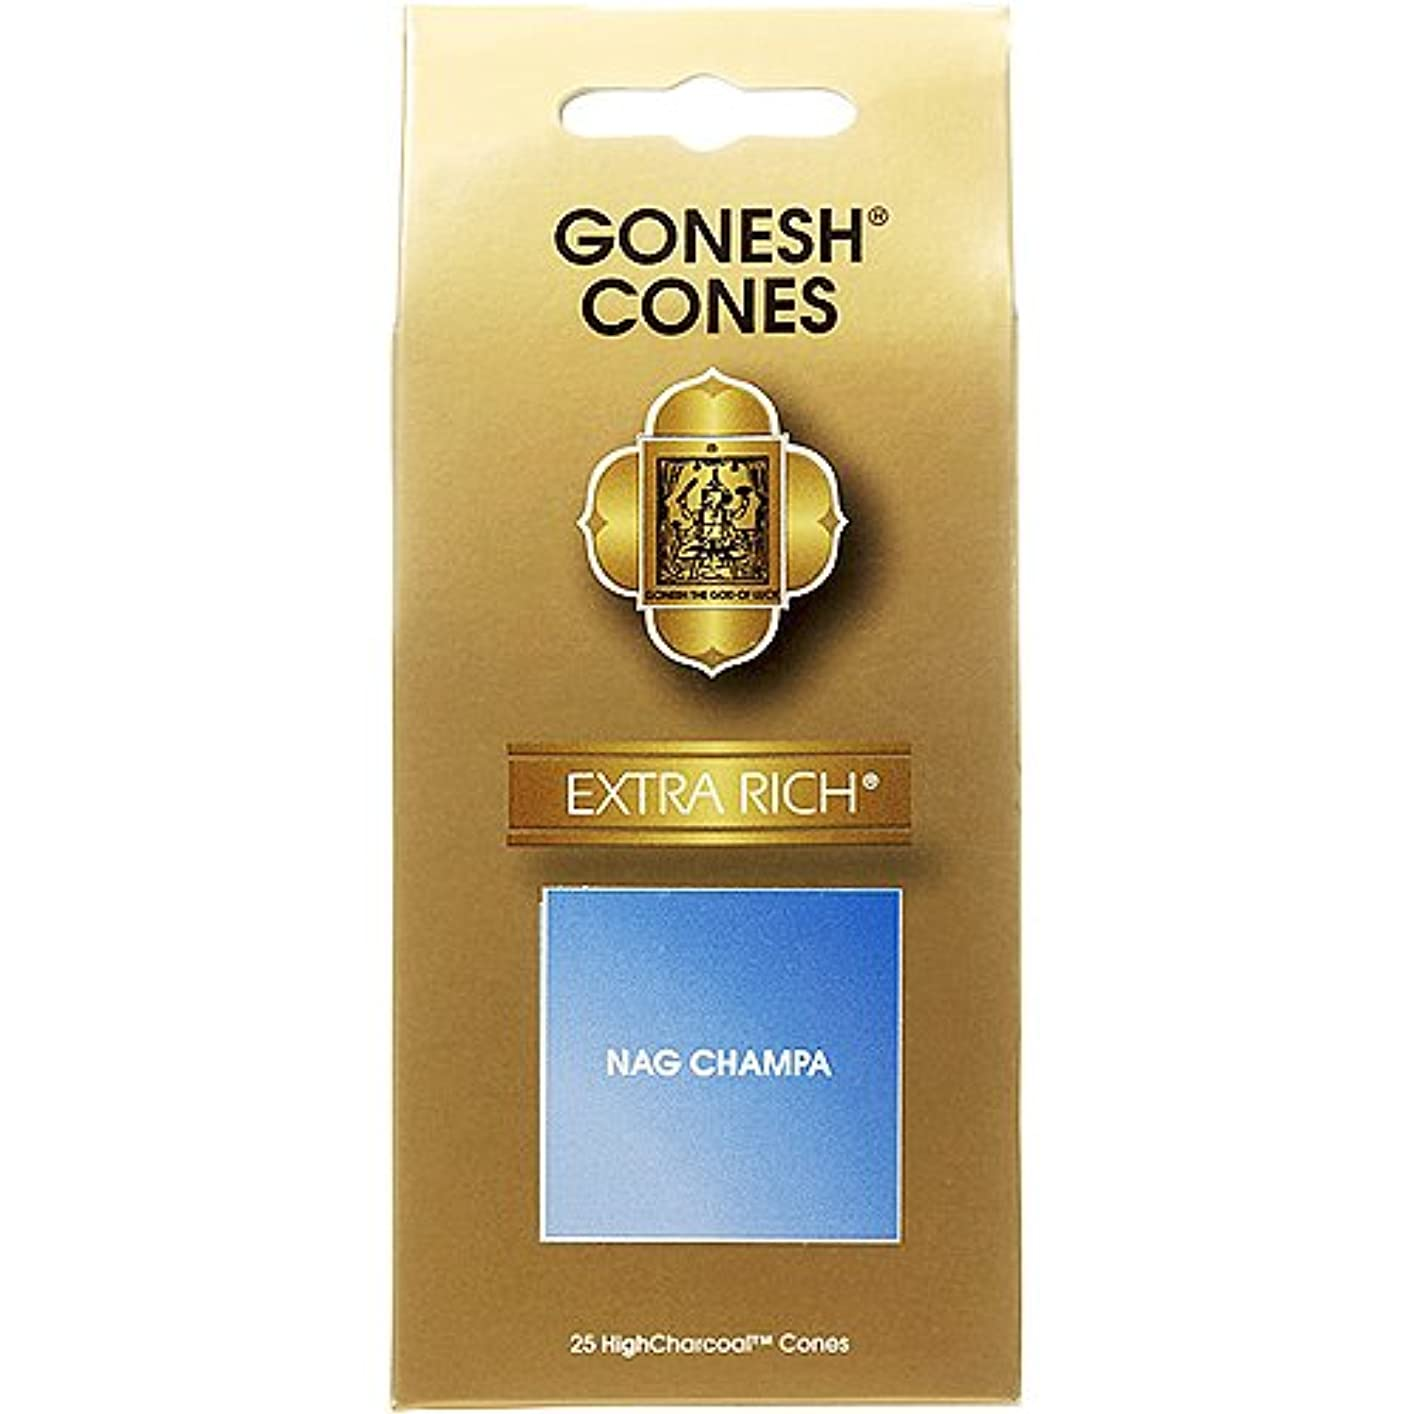 意識パイルエロチックガーネッシュ(GONESH) エクストラリッチ インセンス コーン ナグチャンパ 25ヶ入